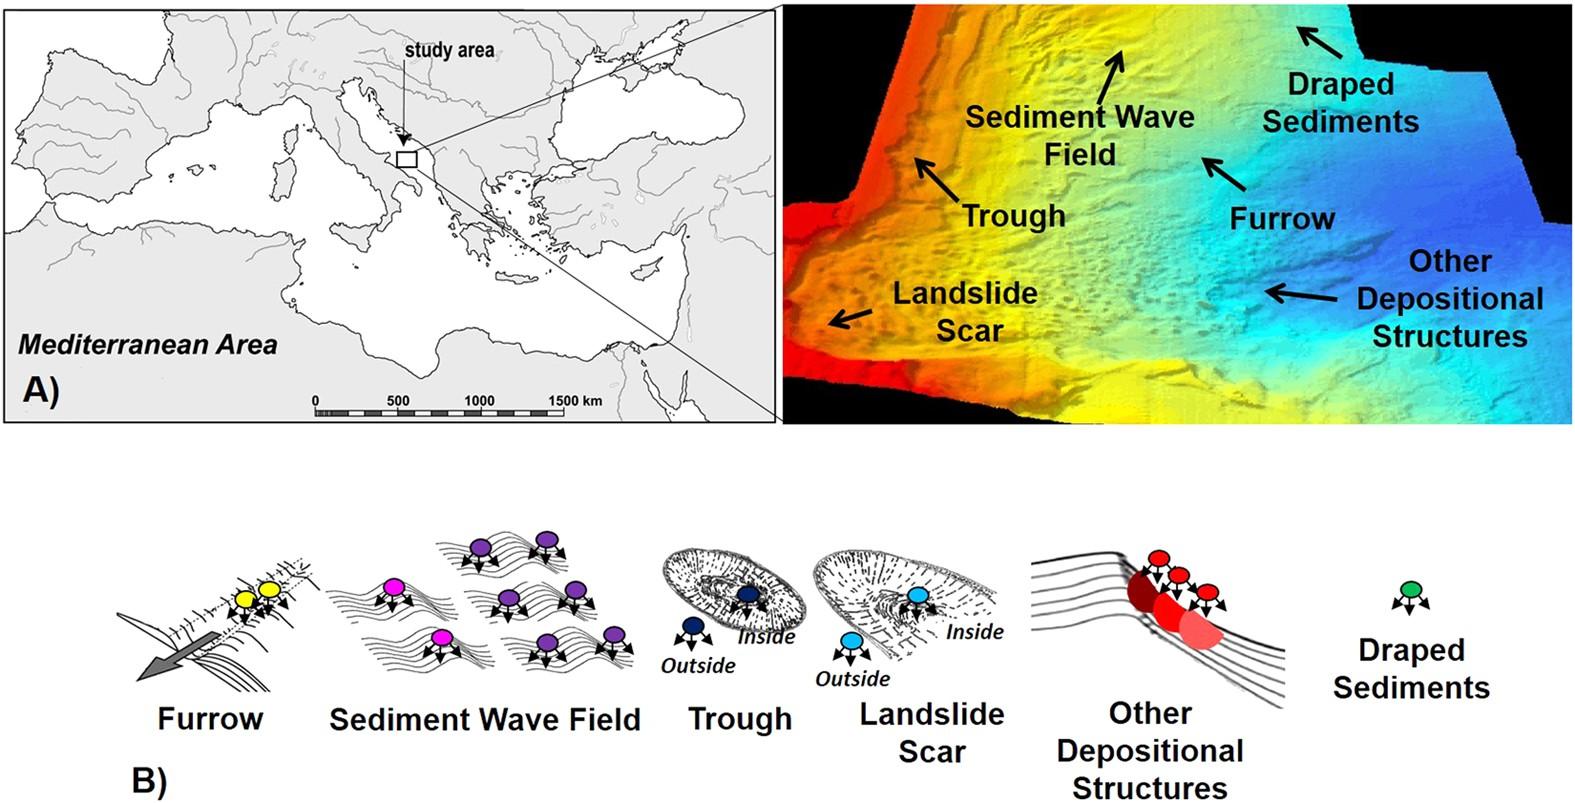 Seafloor Heterogeneity Influences The Biodiversity Ecosystem